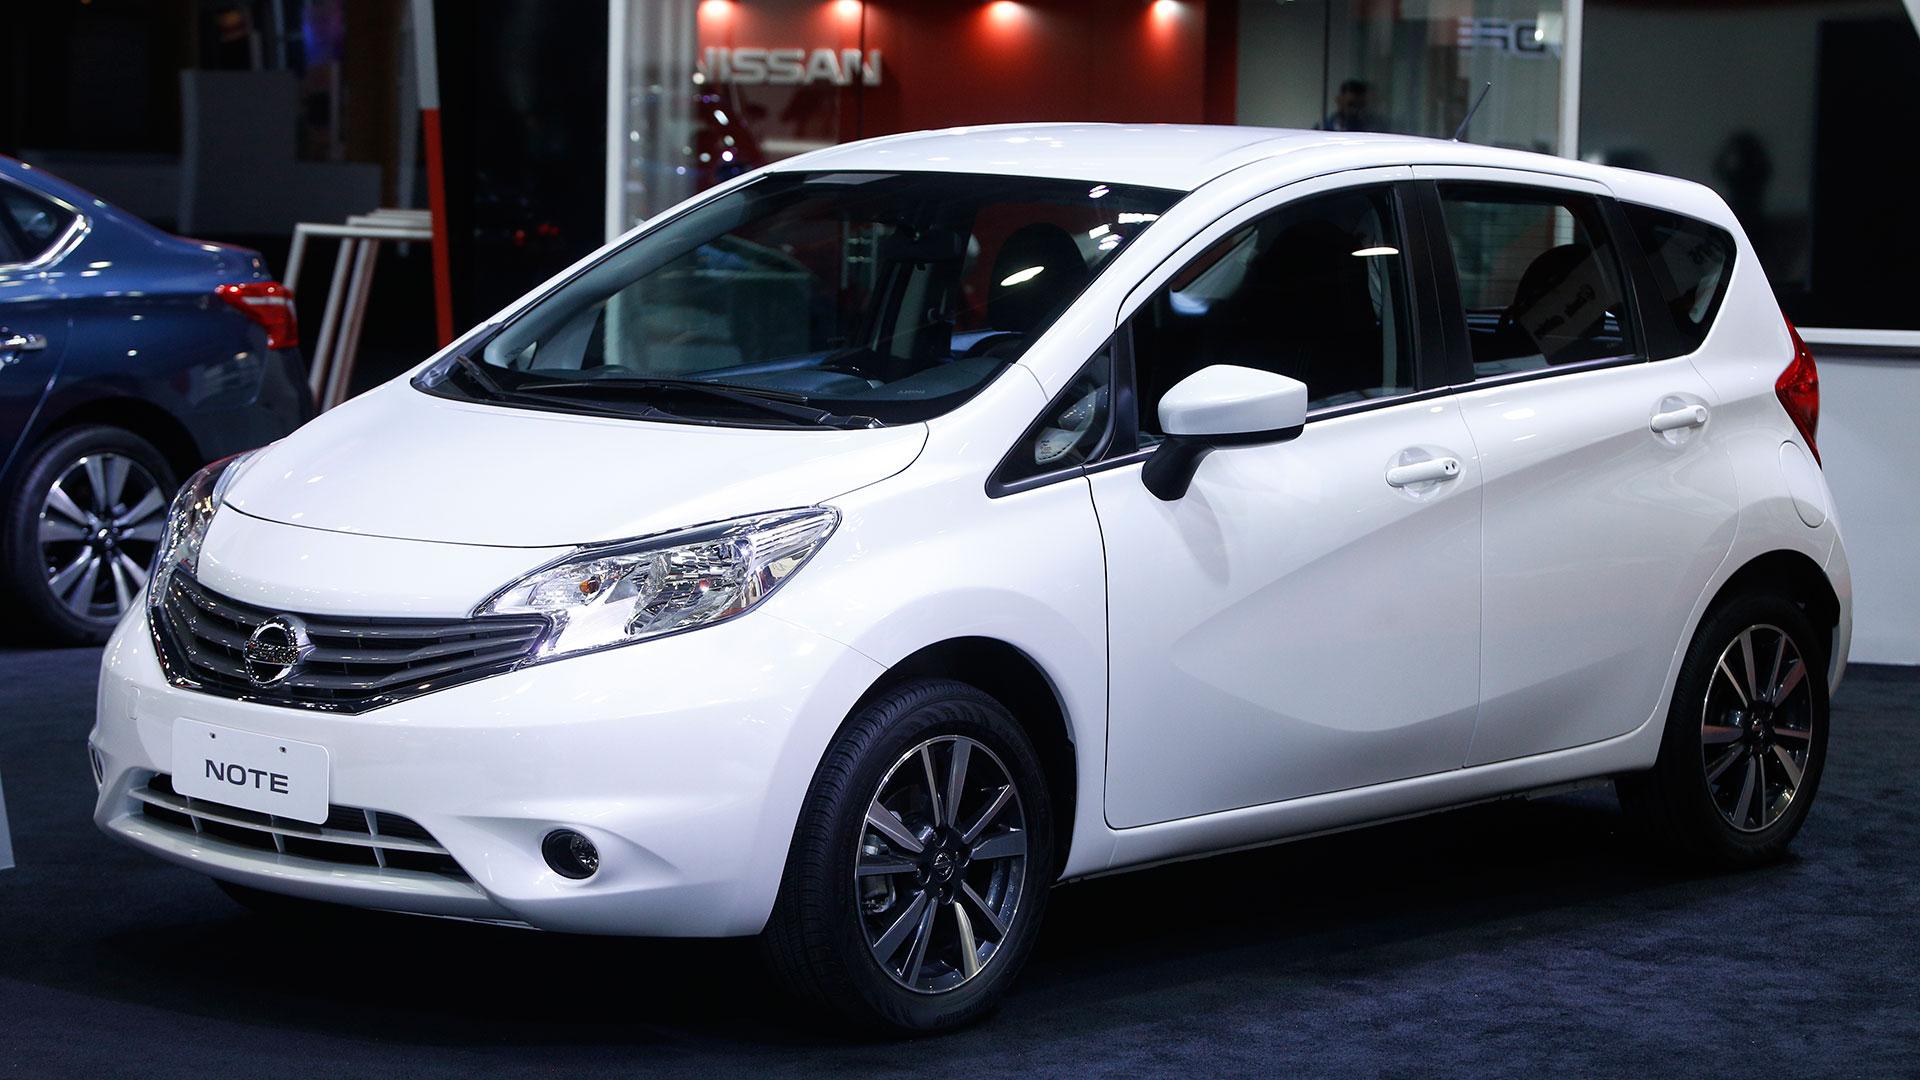 El Nissan Note, con un exterior ligeramente renovado, mejoró el portafolio de Nissan en 2015, y sigue sumando con su diseño y equipamiento